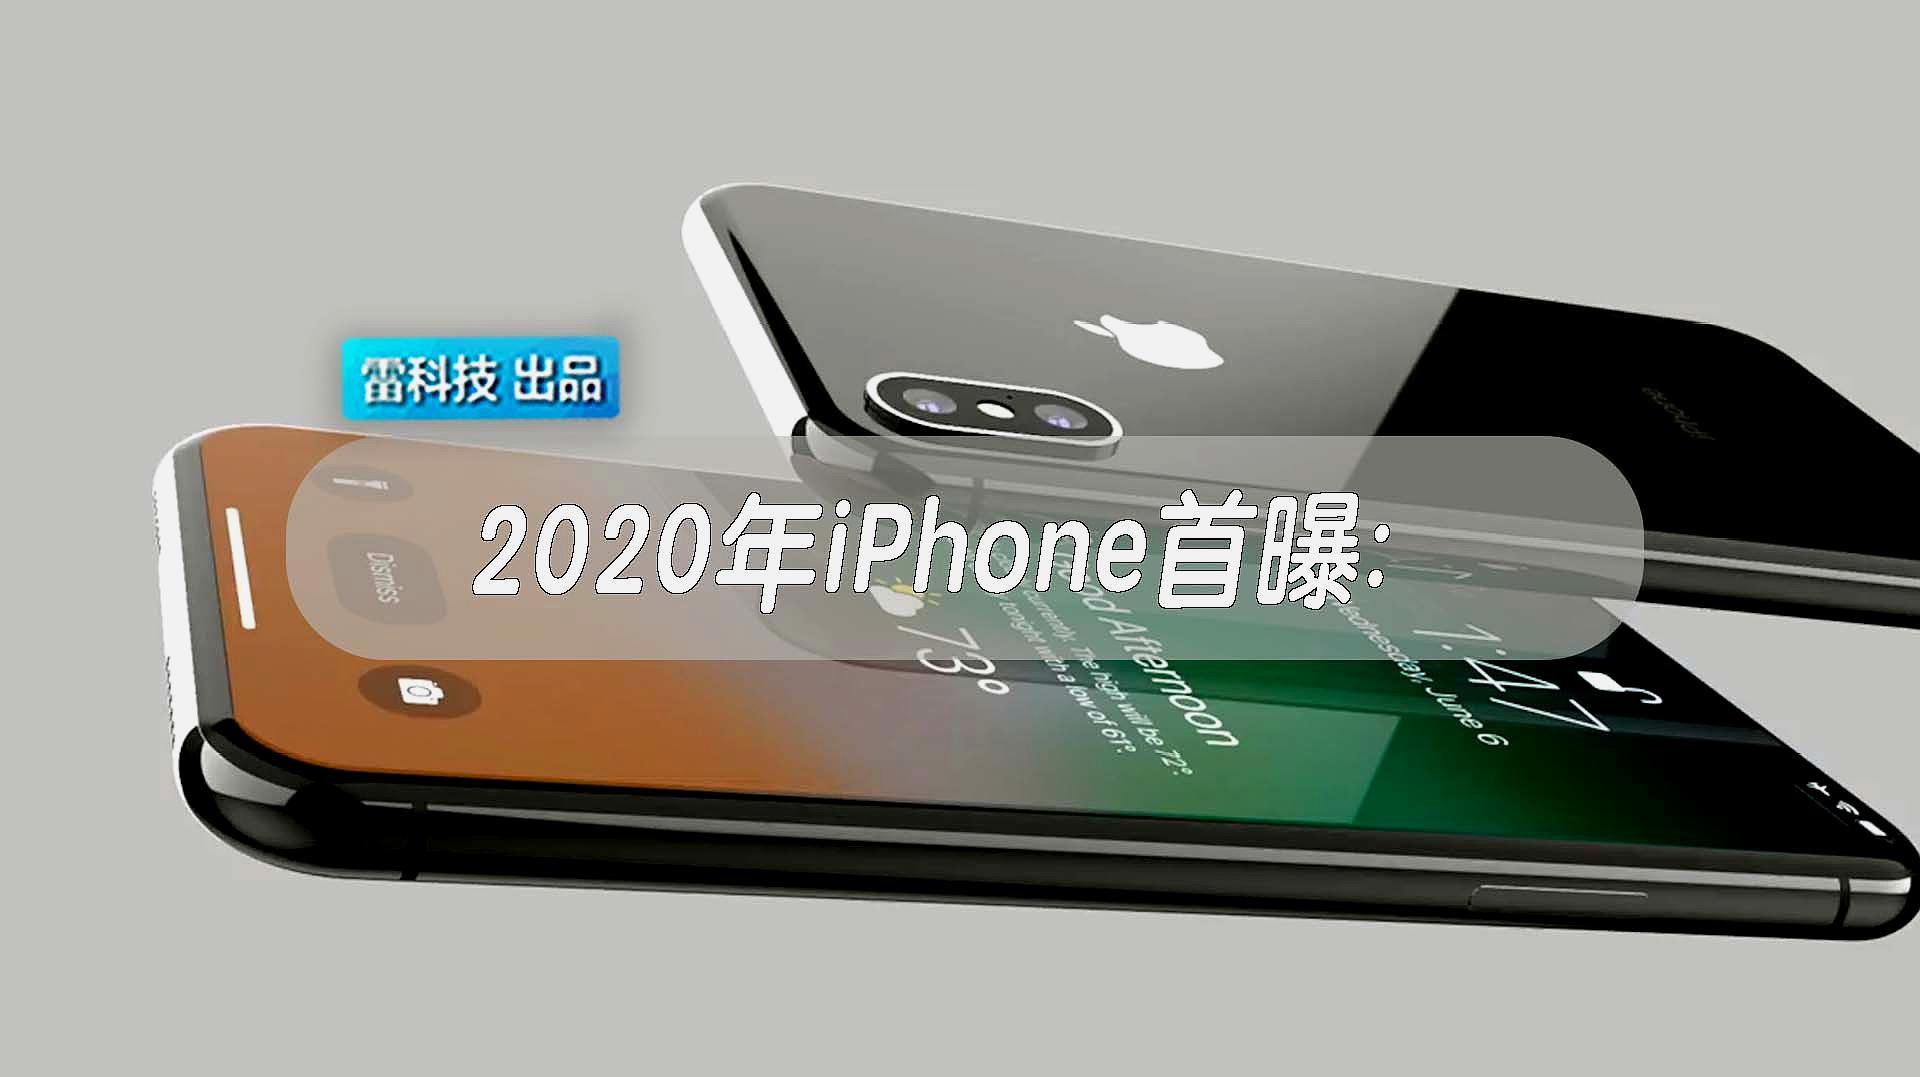 放大招?2020年iPhone首曝:全新尺寸,工艺加持